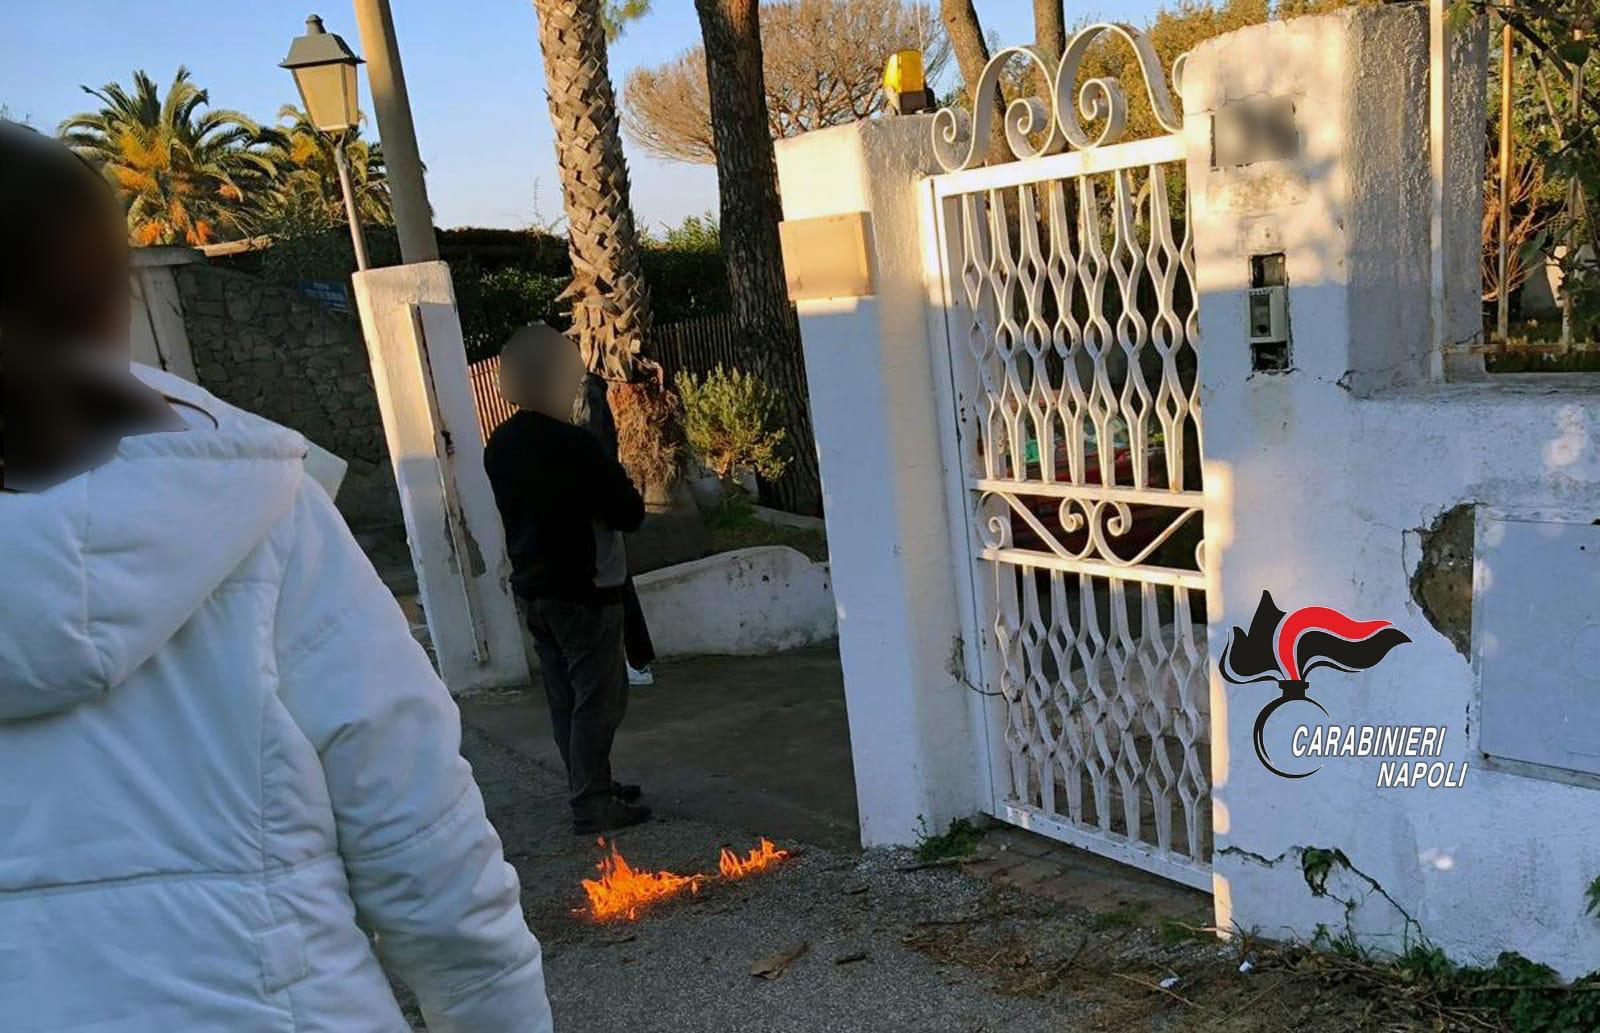 Benzina contro i carabinieri, Manuel Monaco arrestato per tentato omicidio